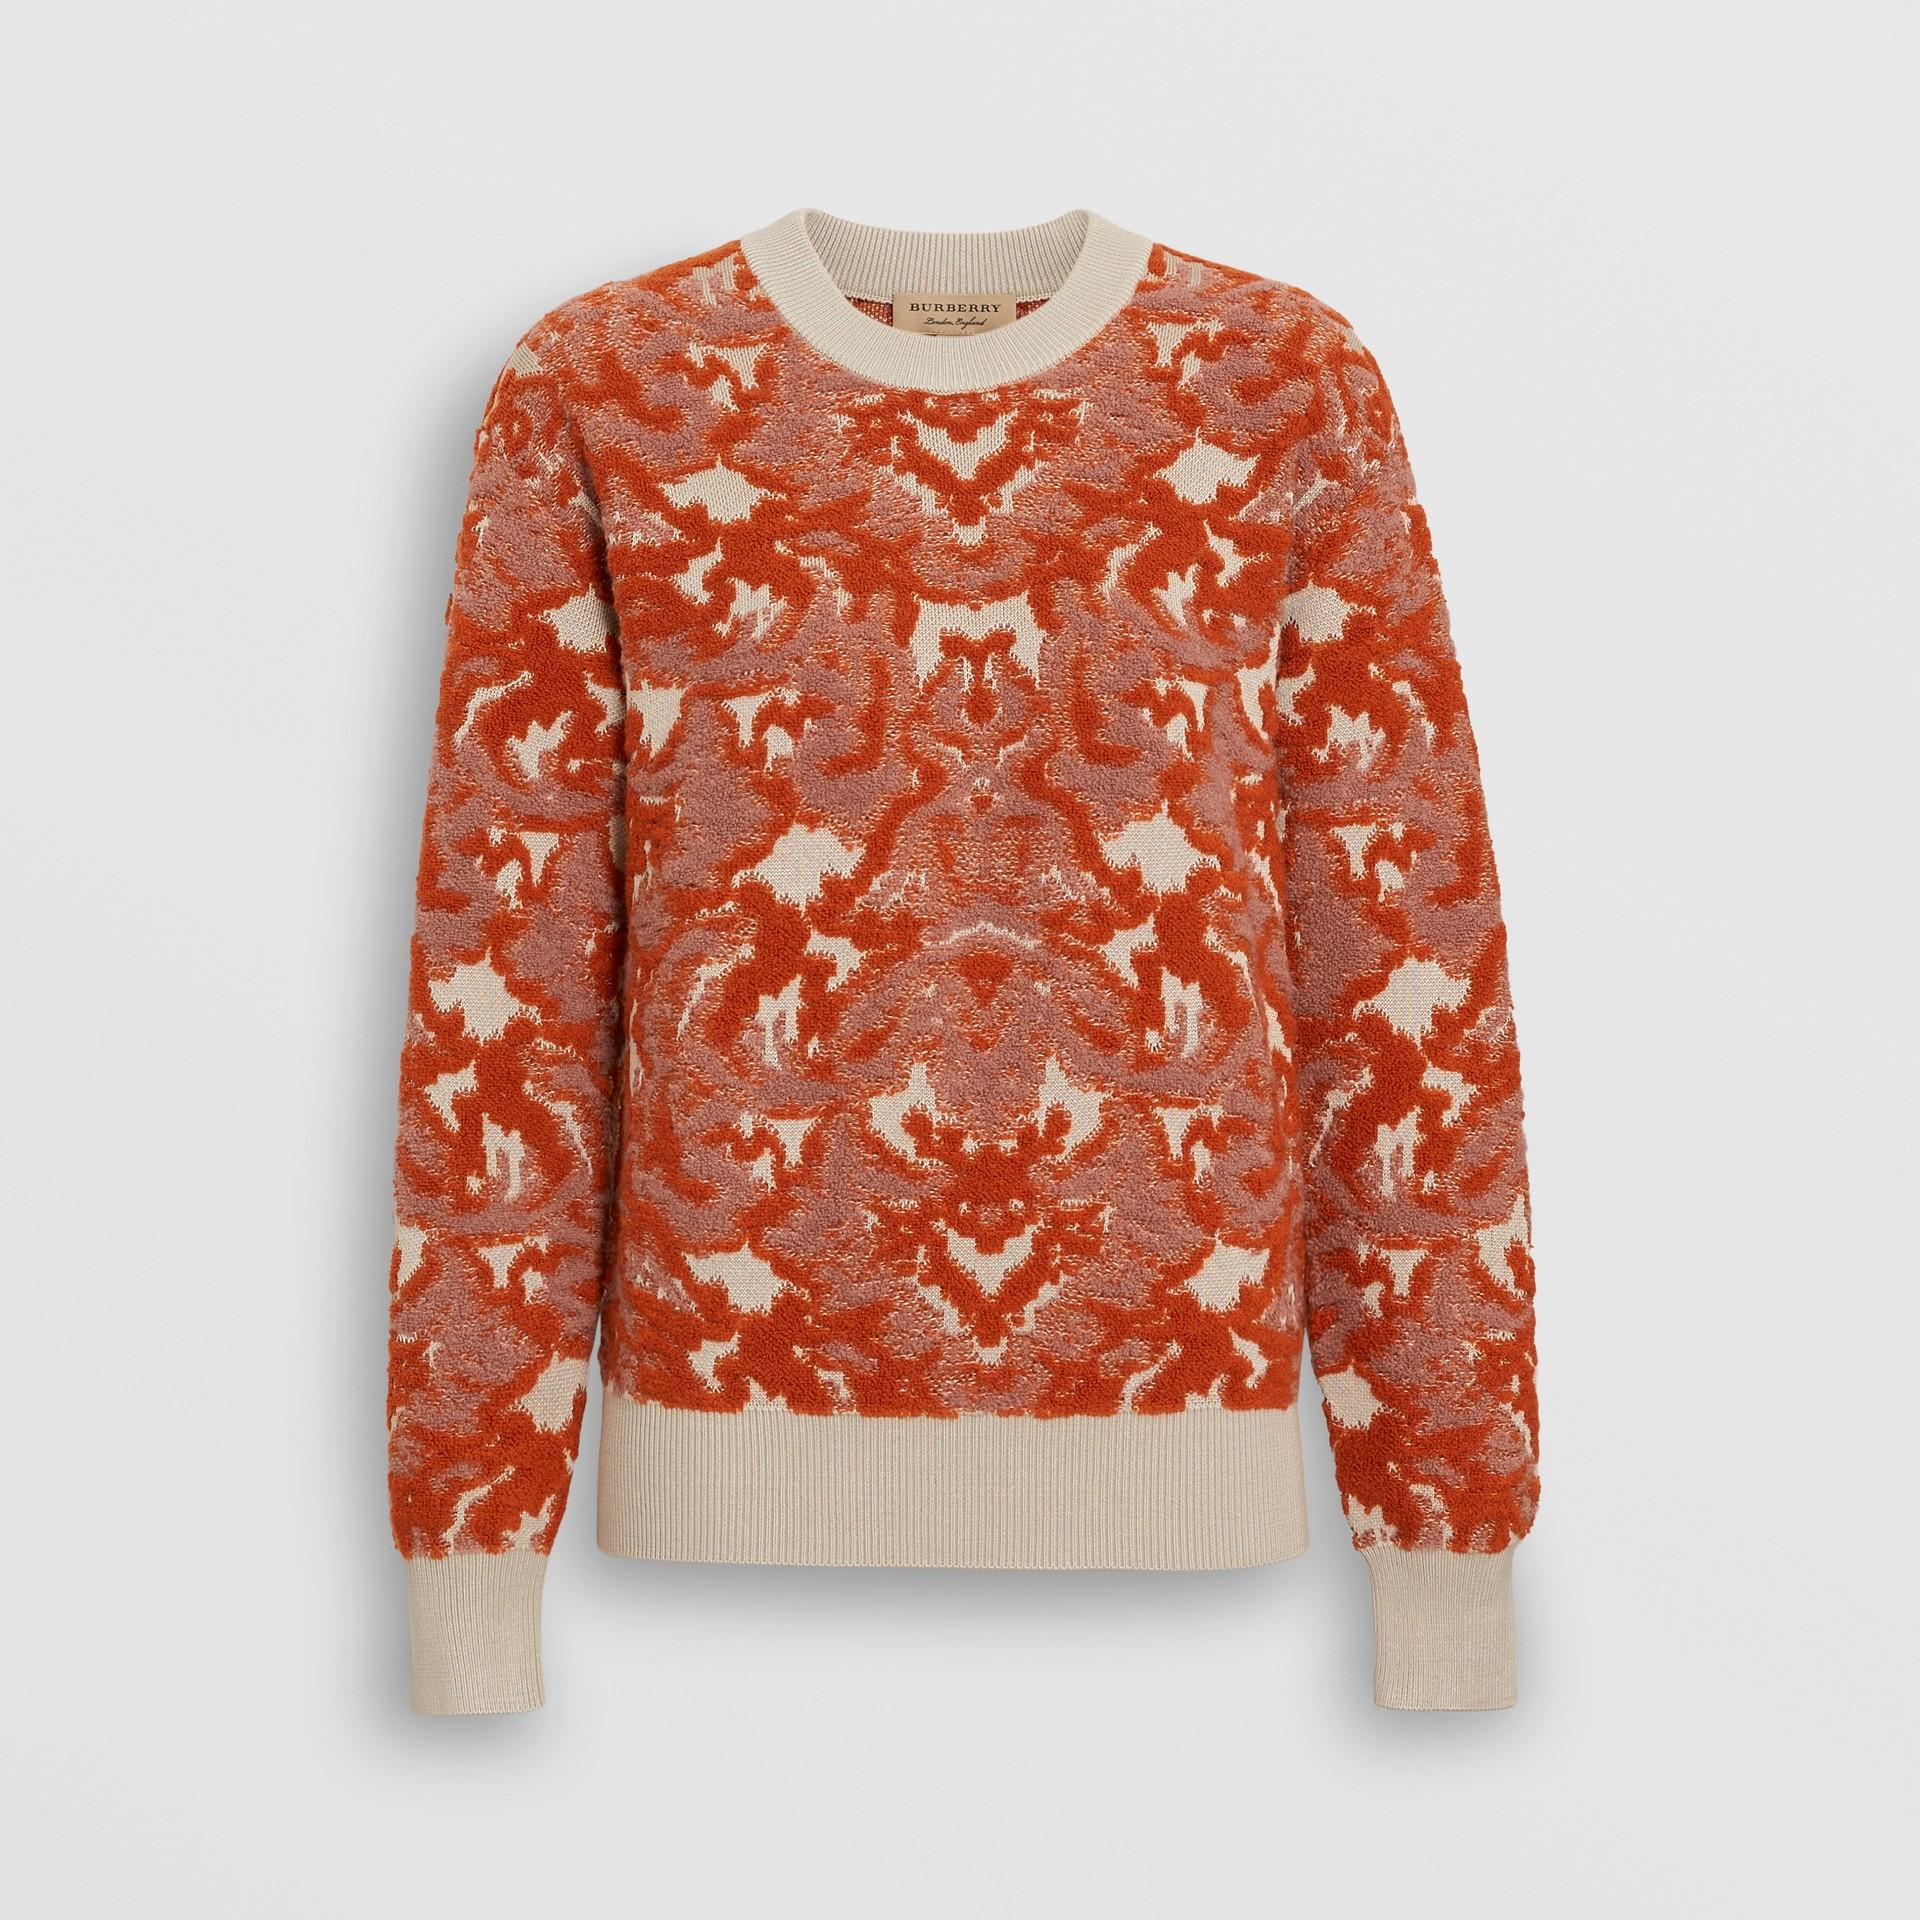 ダマスクウール シルクジャカード セーター (ピンクアゼリア) - ウィメンズ | バーバリー - ギャラリーイメージ 3